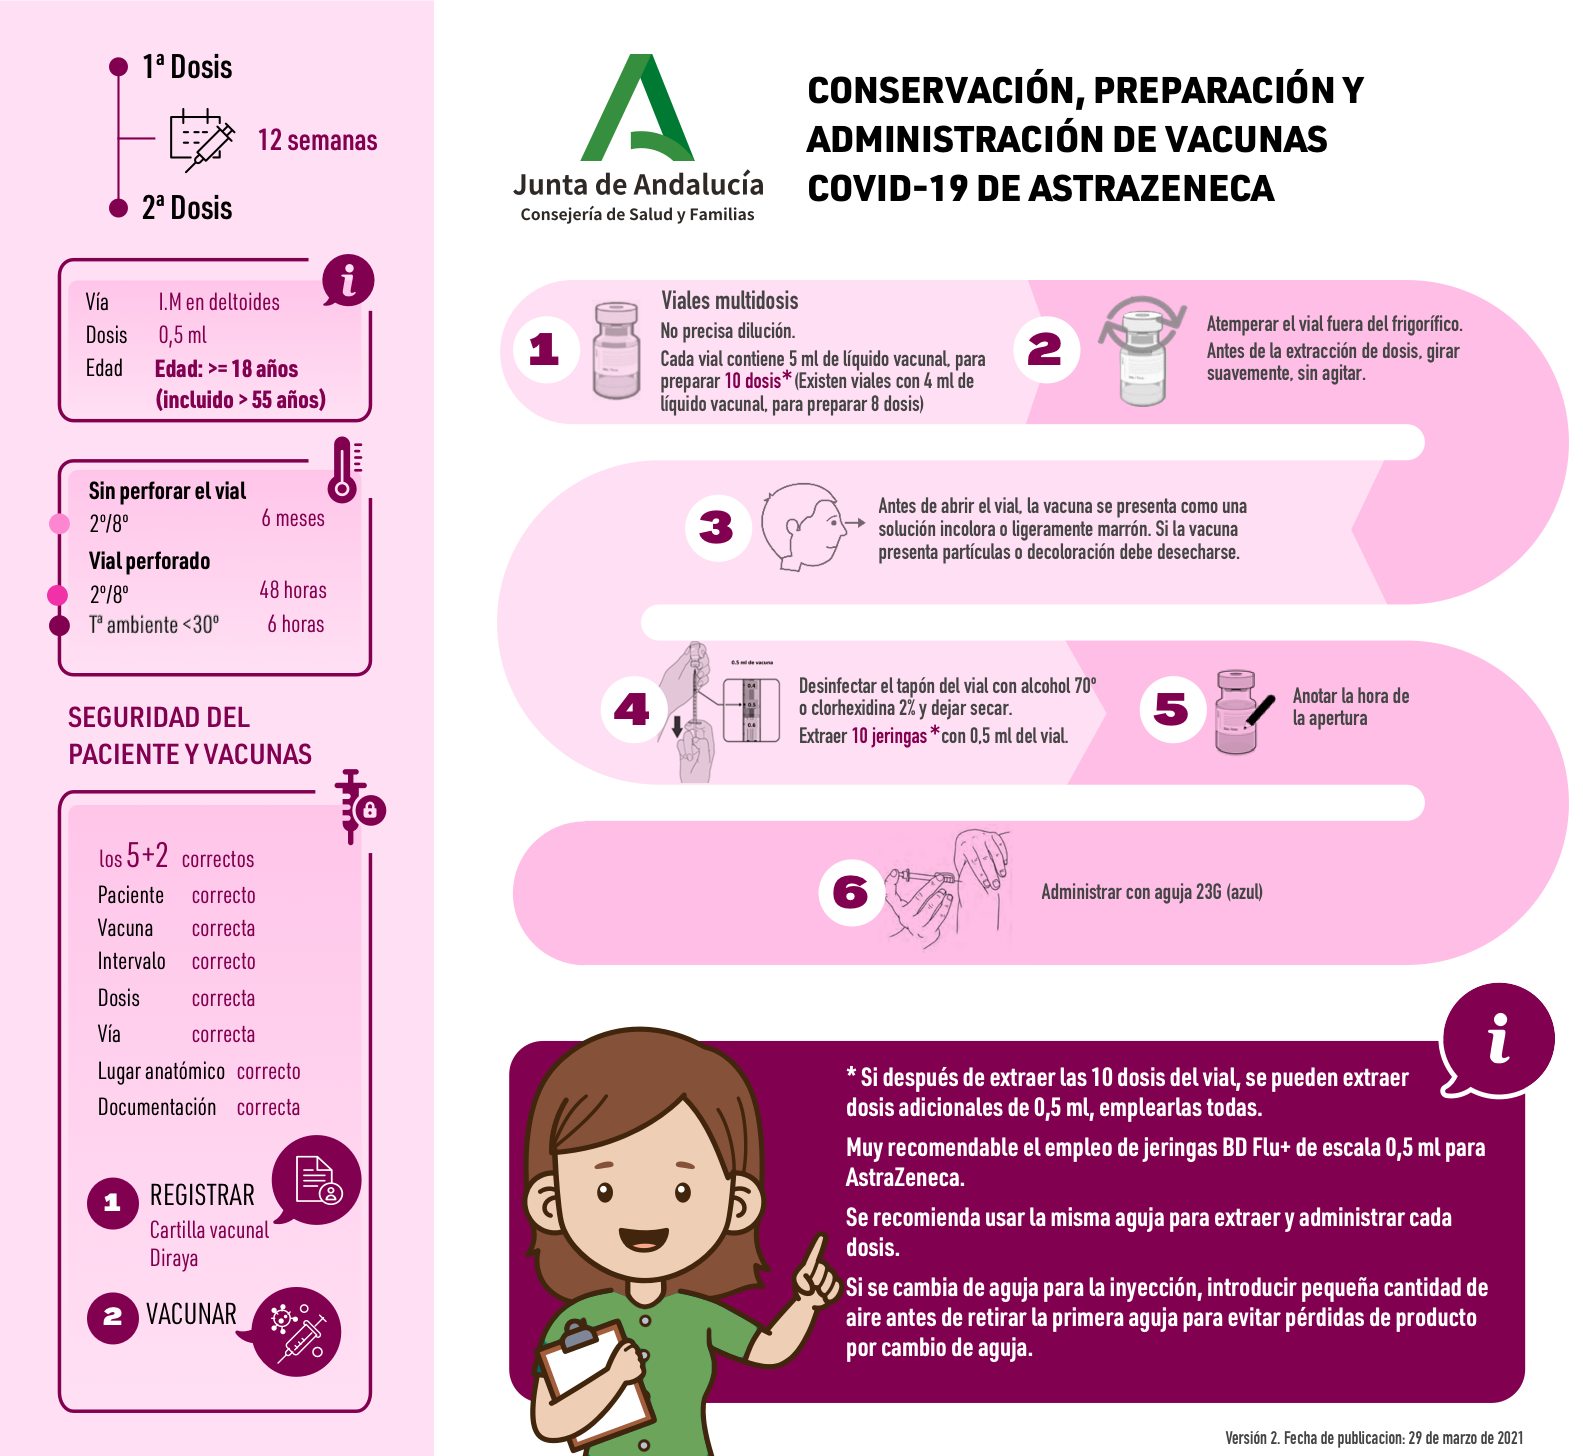 Conservación, preparación y administración de vacunas COVID-19 de AstraZeneca